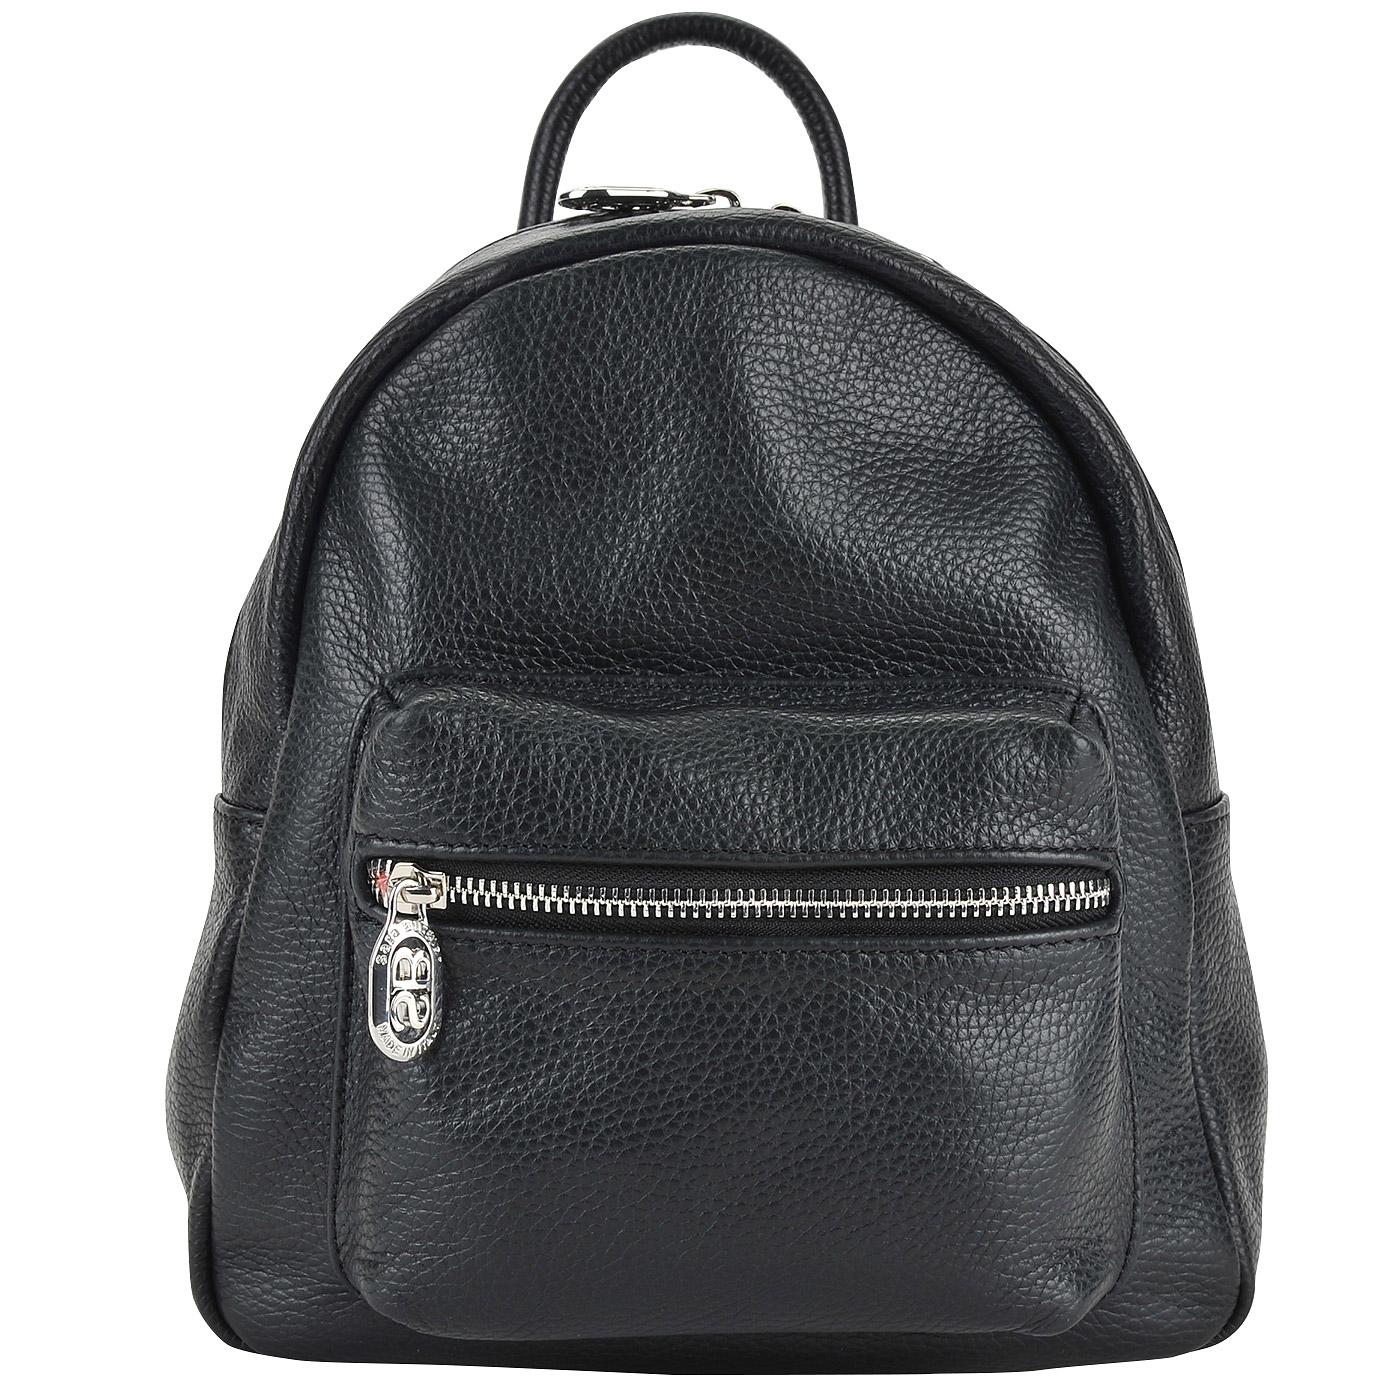 49fa2b9e18d2 ... Практичный женский рюкзак из натуральной кожи Sara Burglar Ariel Cervo  ...